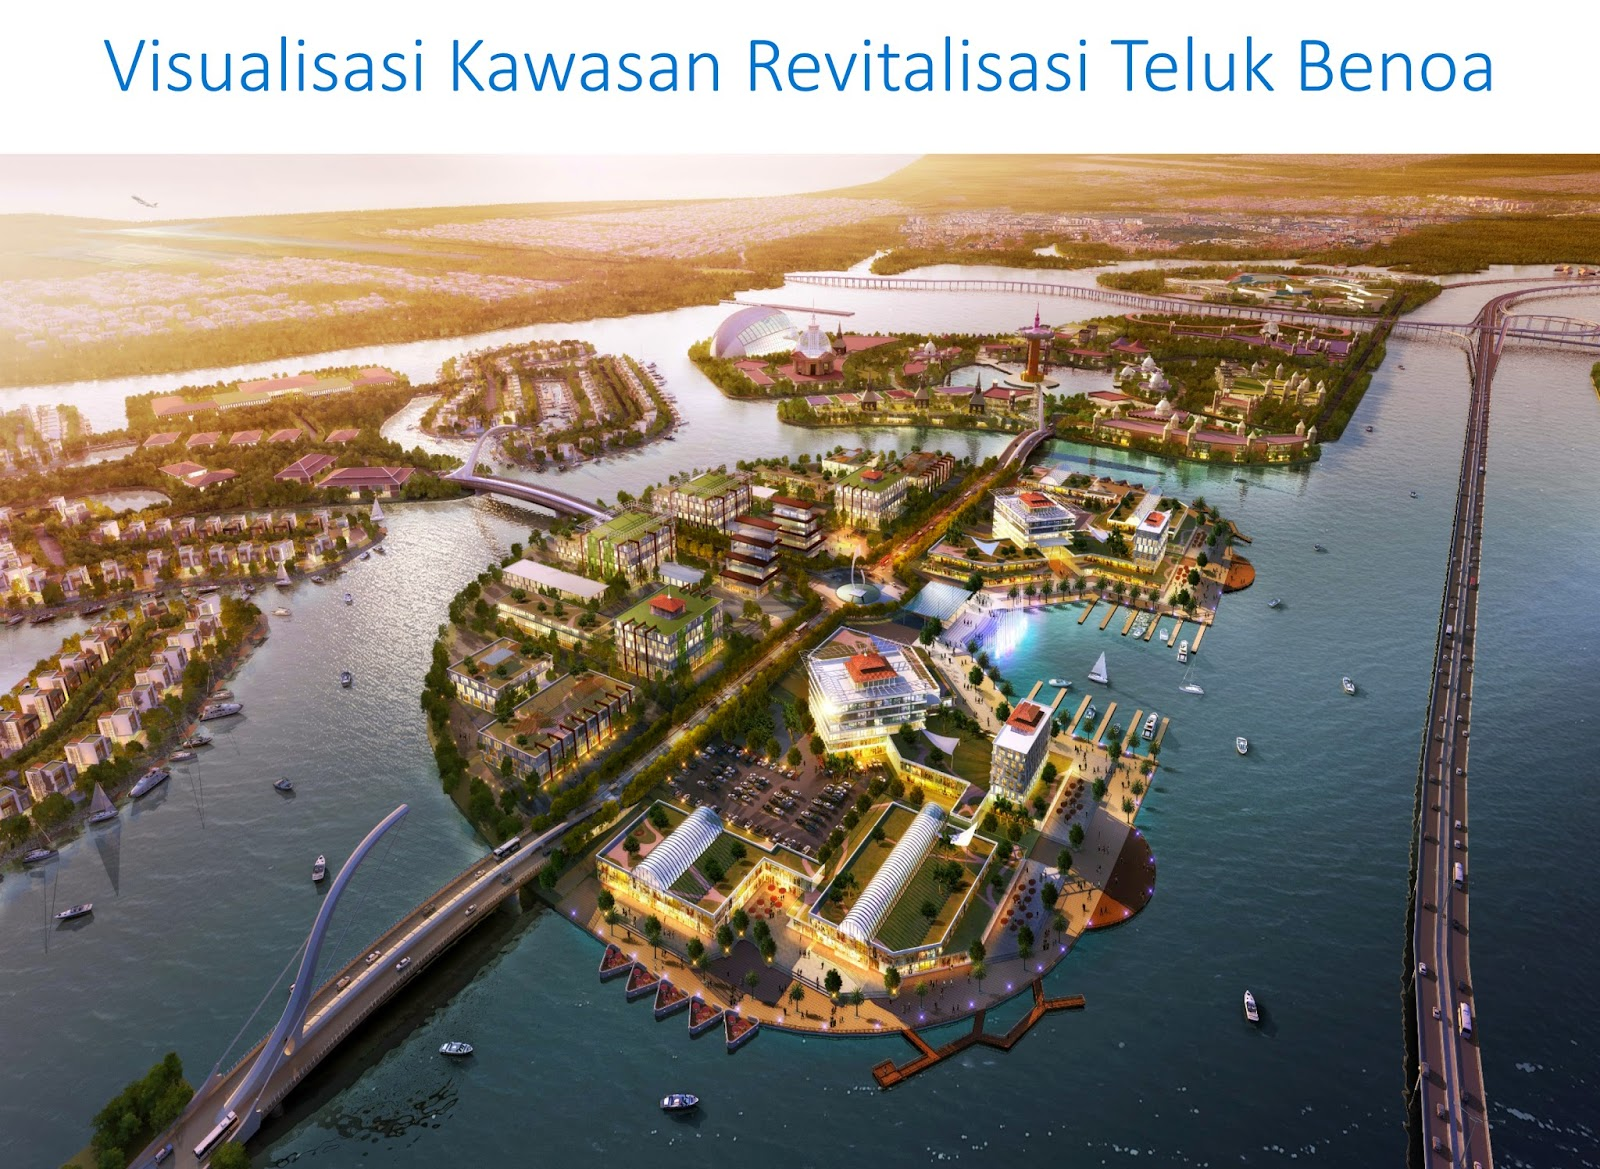 Bali Revitalisasi: Manfaat Reklamasi bagi Bali